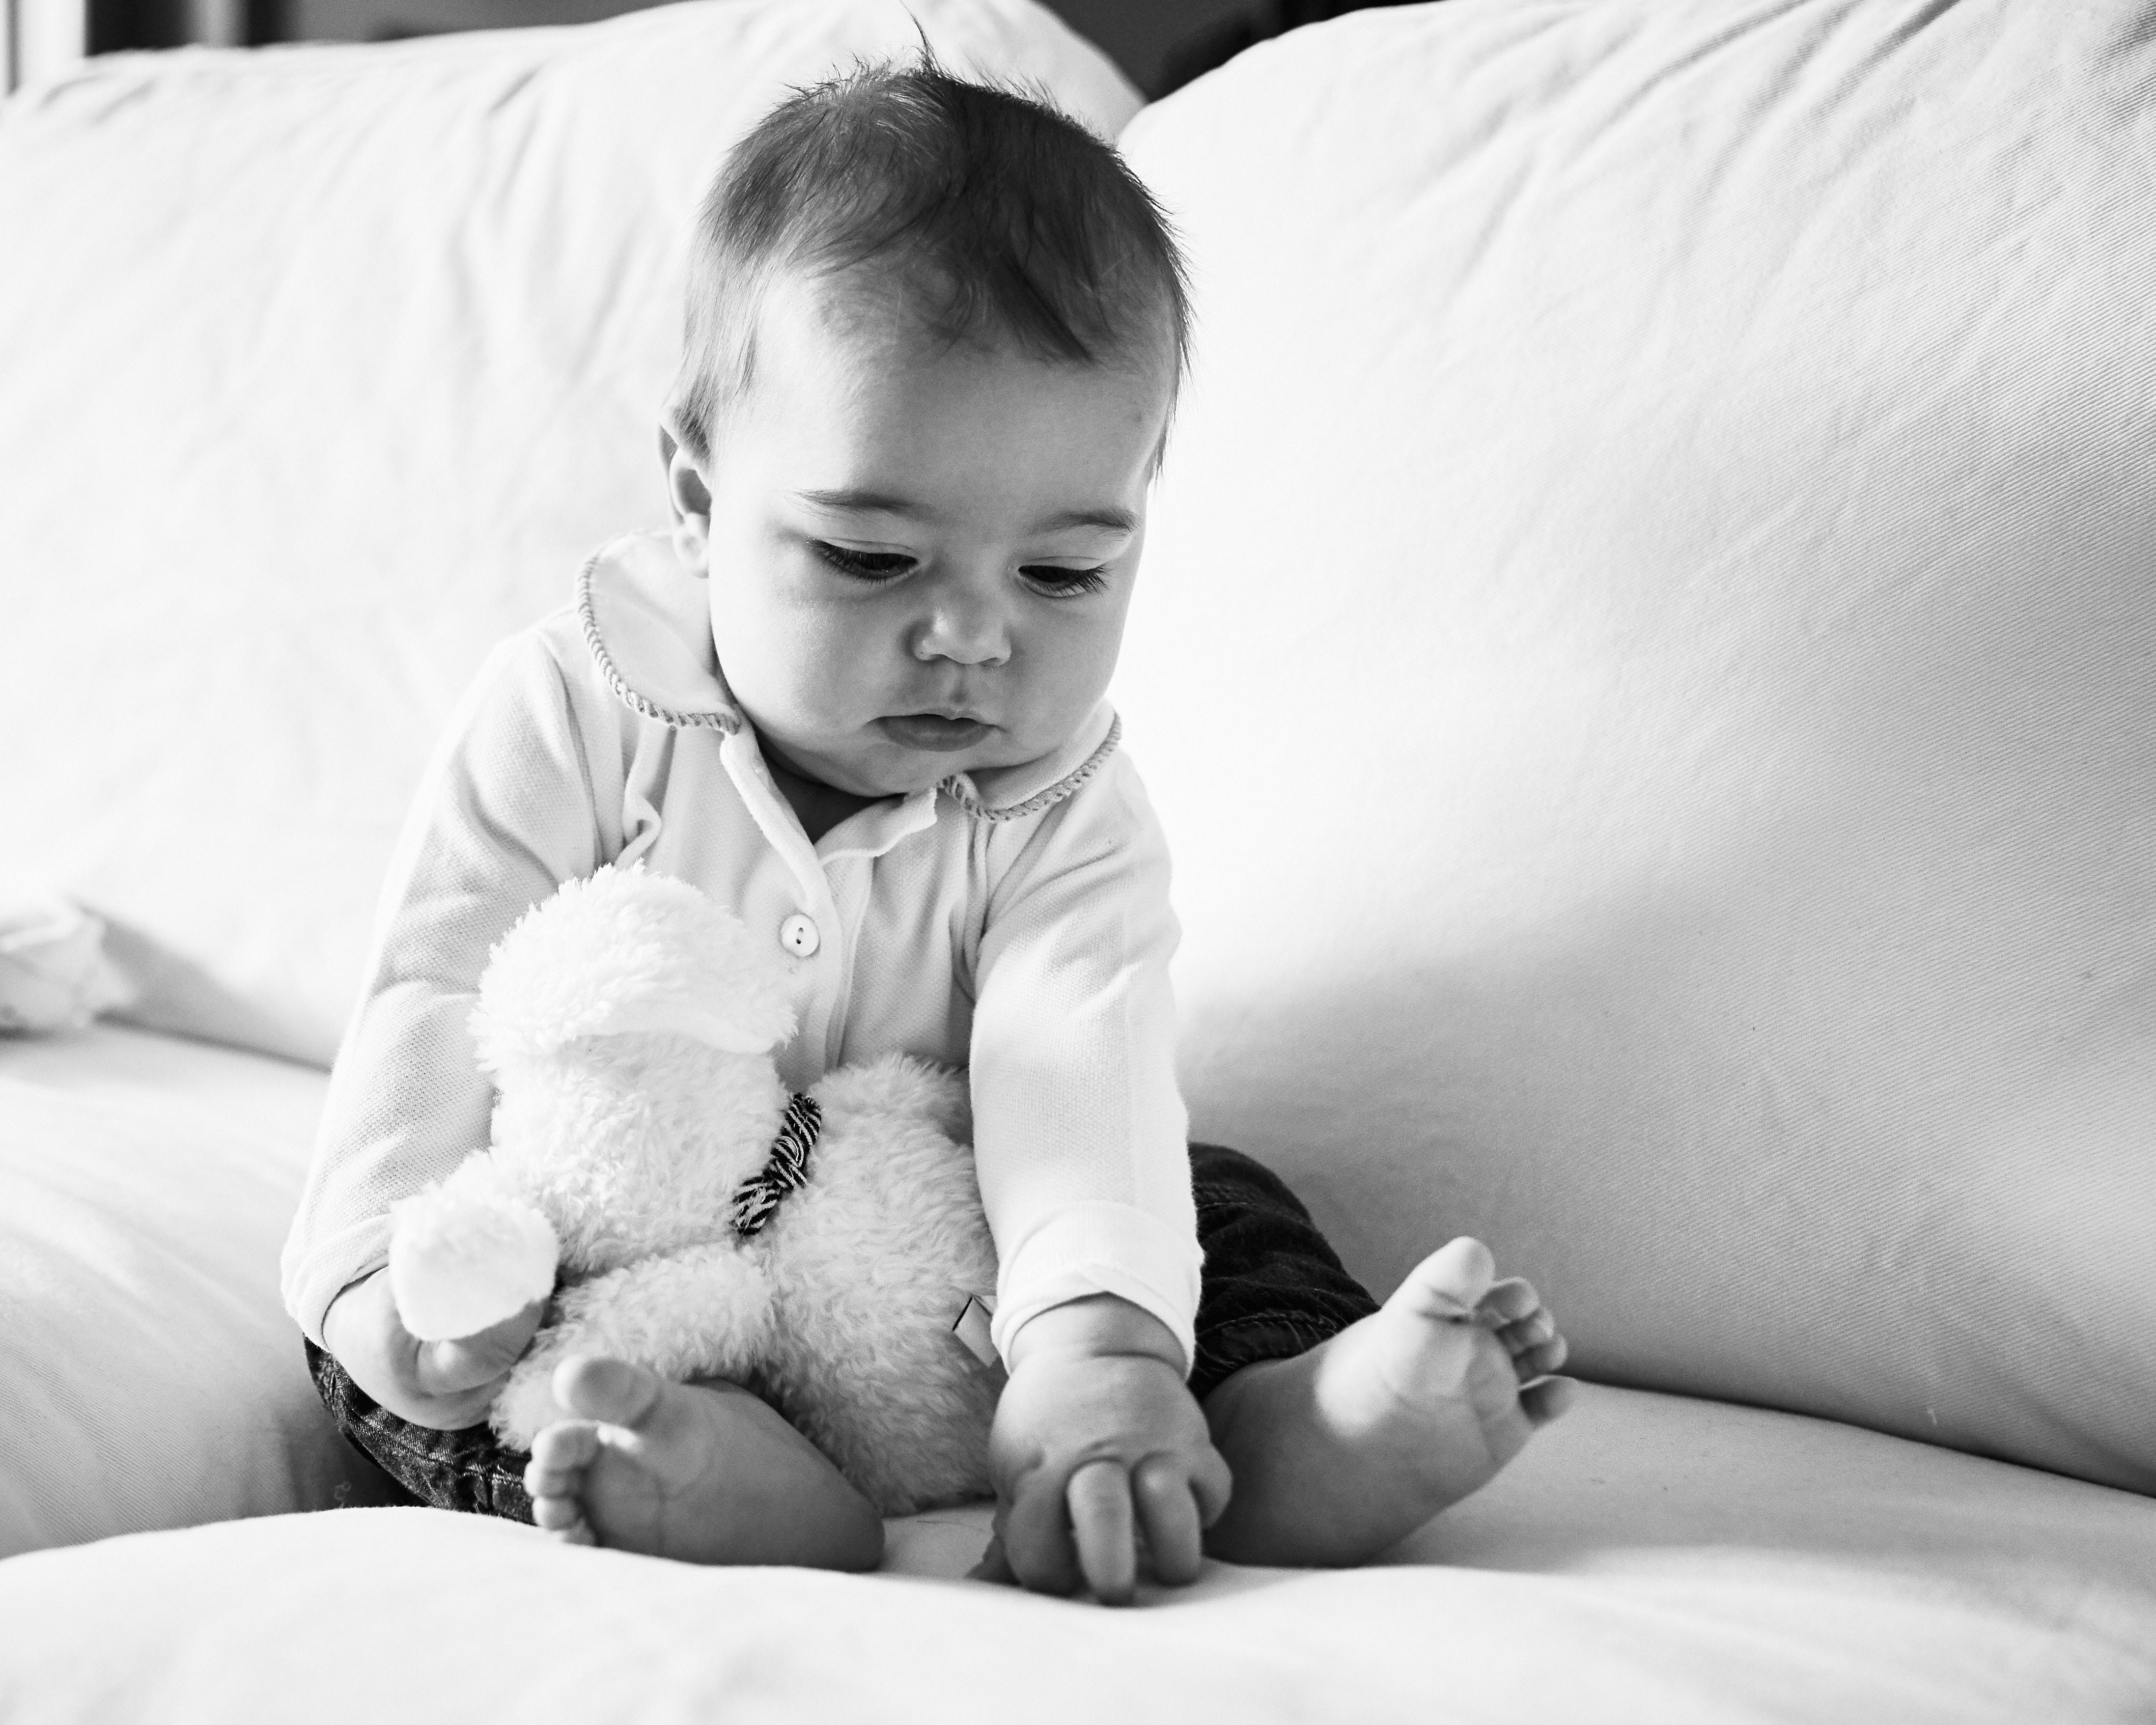 fotografia bambino piccolo in bianco e nero sul divano con peluche